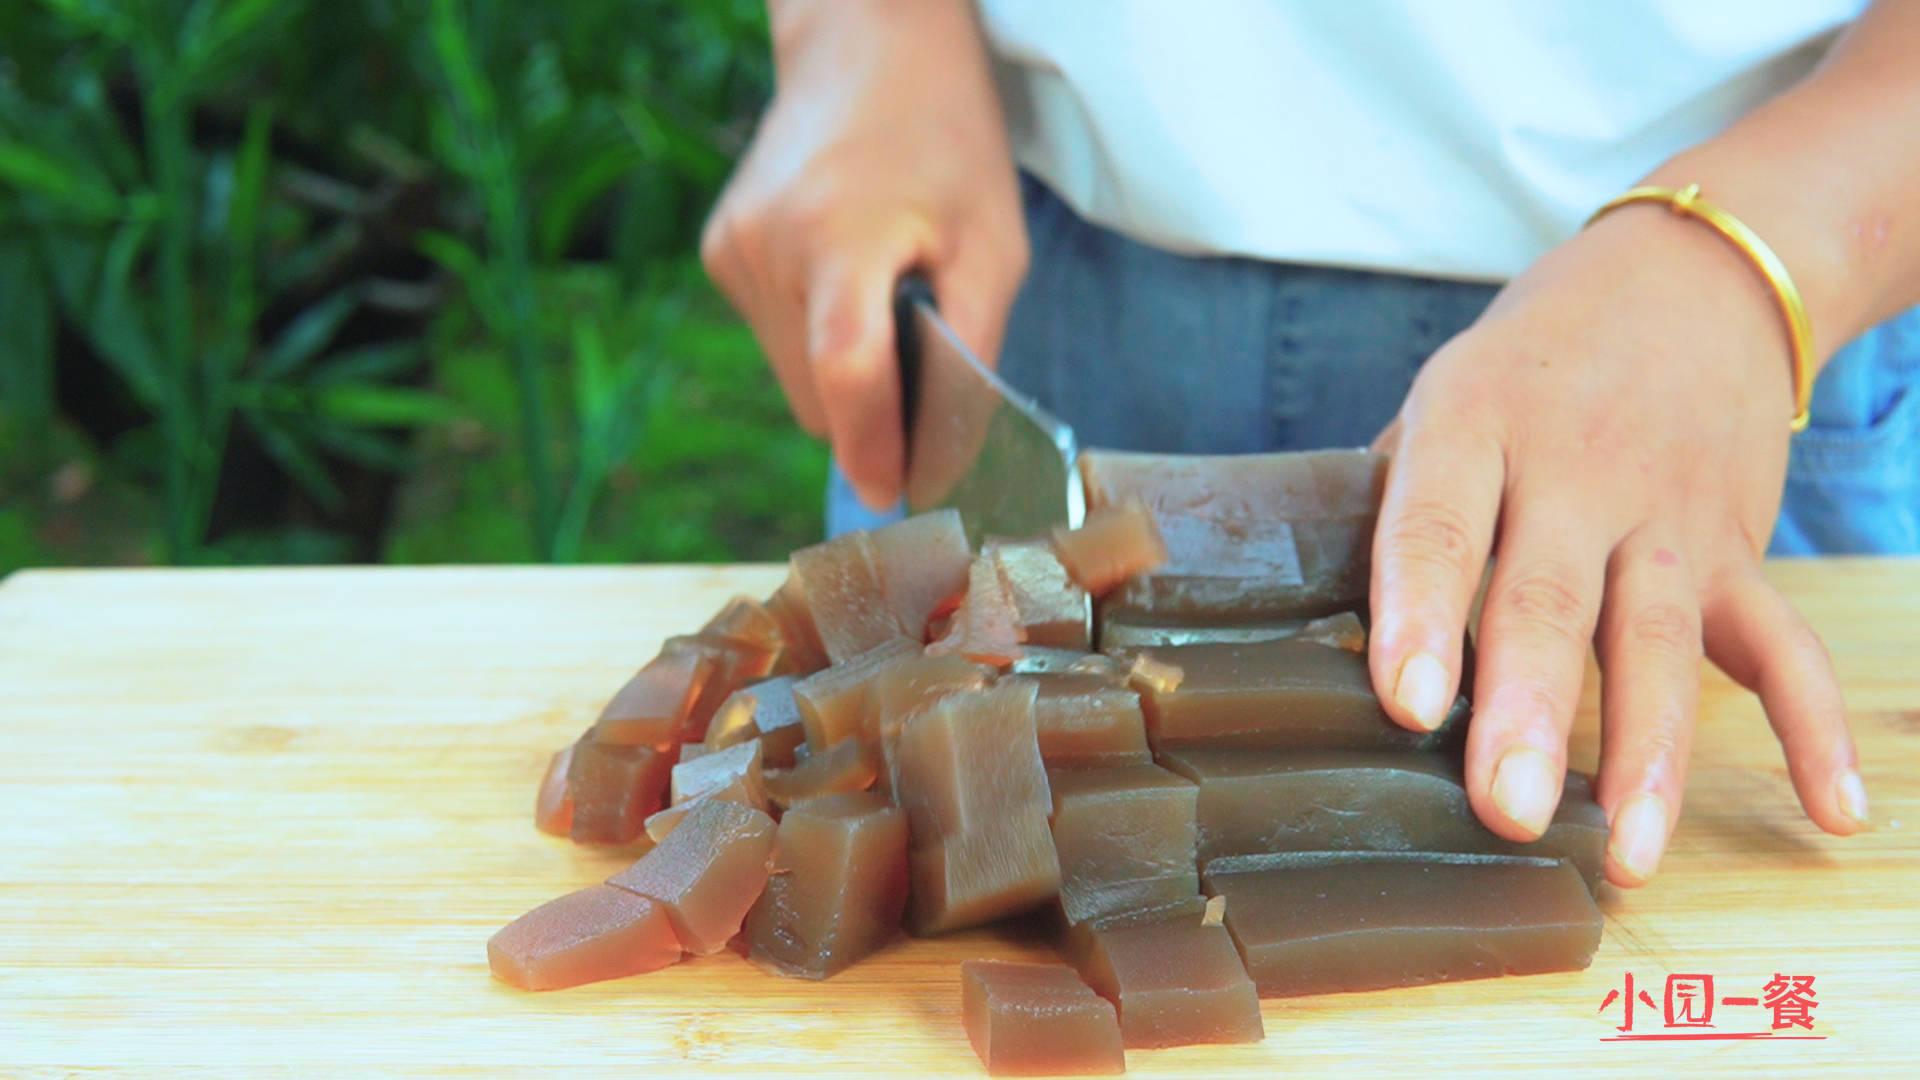 老厨师教你做,蒜蓉凉粉家庭版的做法,简单易学方便快捷味道鲜香